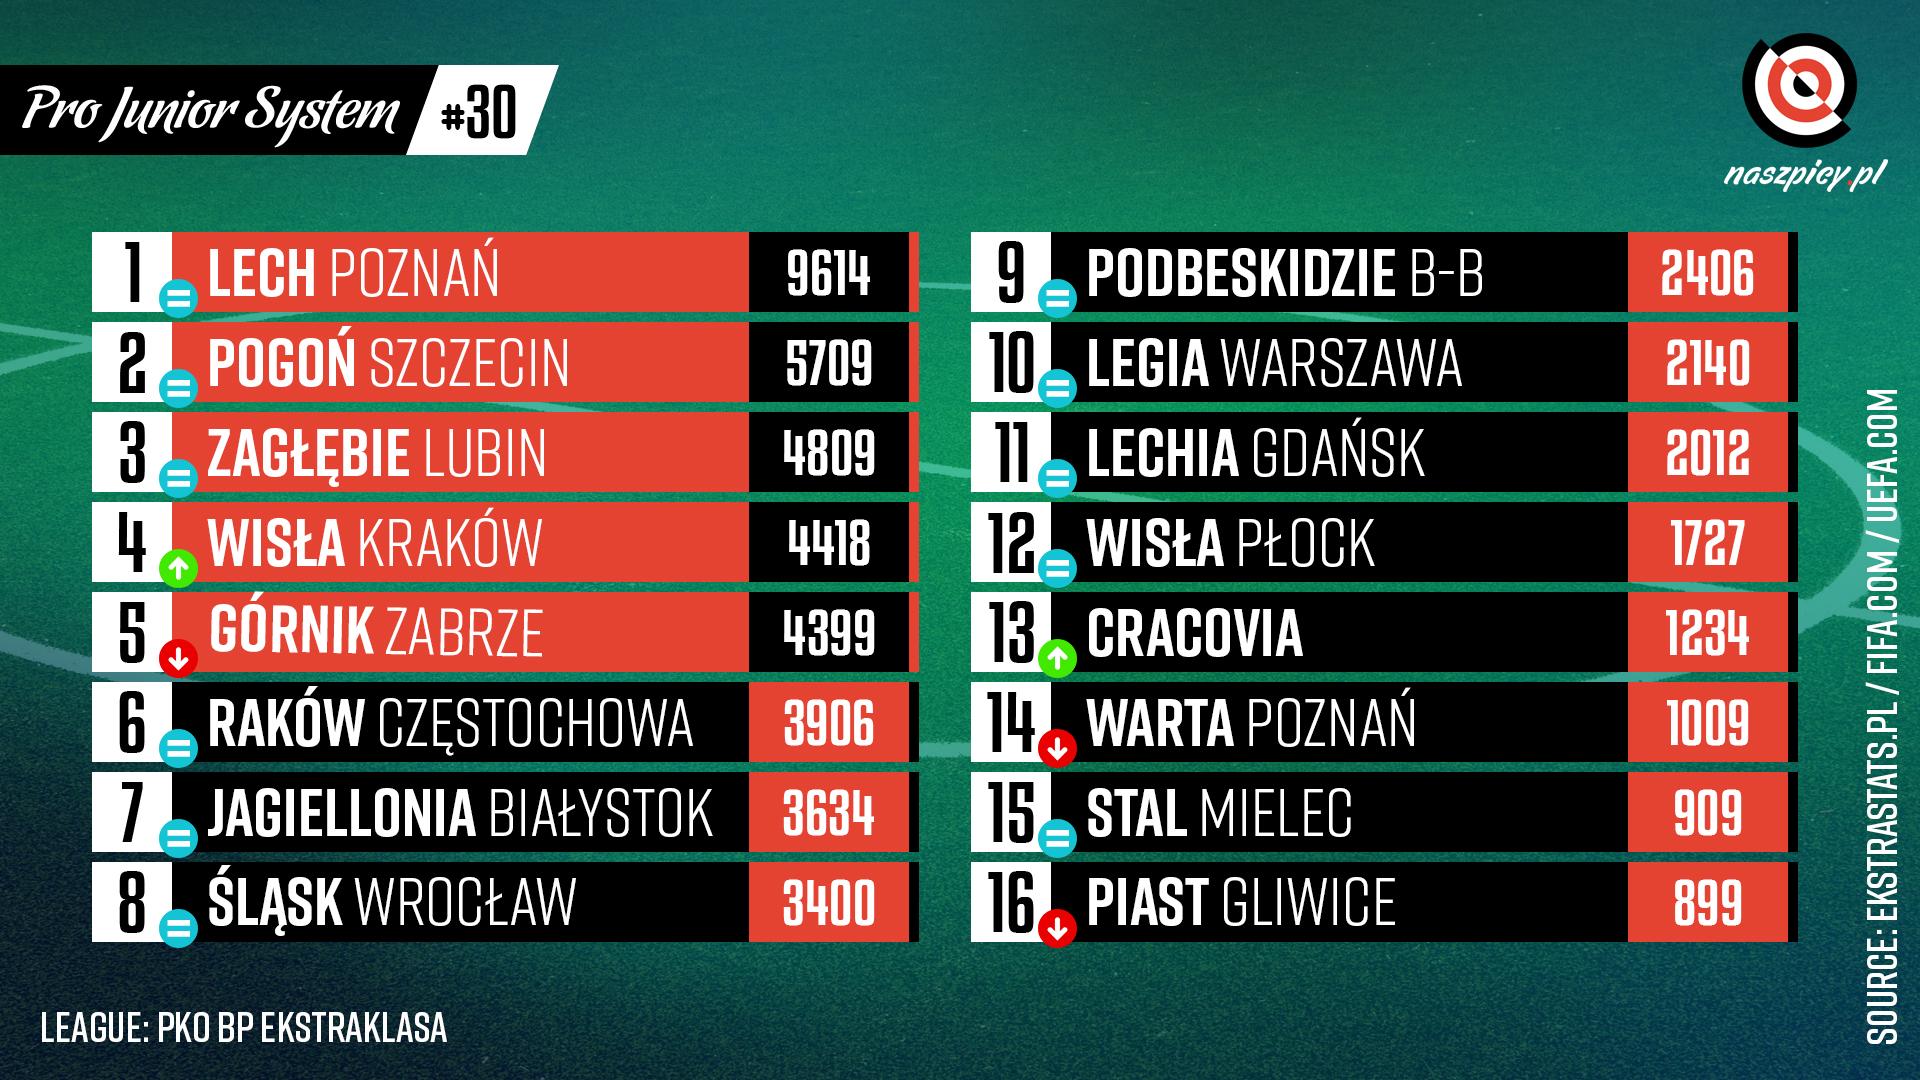 Punktacja Pro Junior System po 30. kolejce PKO Ekstraklasy<br><br>Źródło: Opracowanie własne na podstawie ekstrastats.pl<br><br>graf. Bartosz Urban